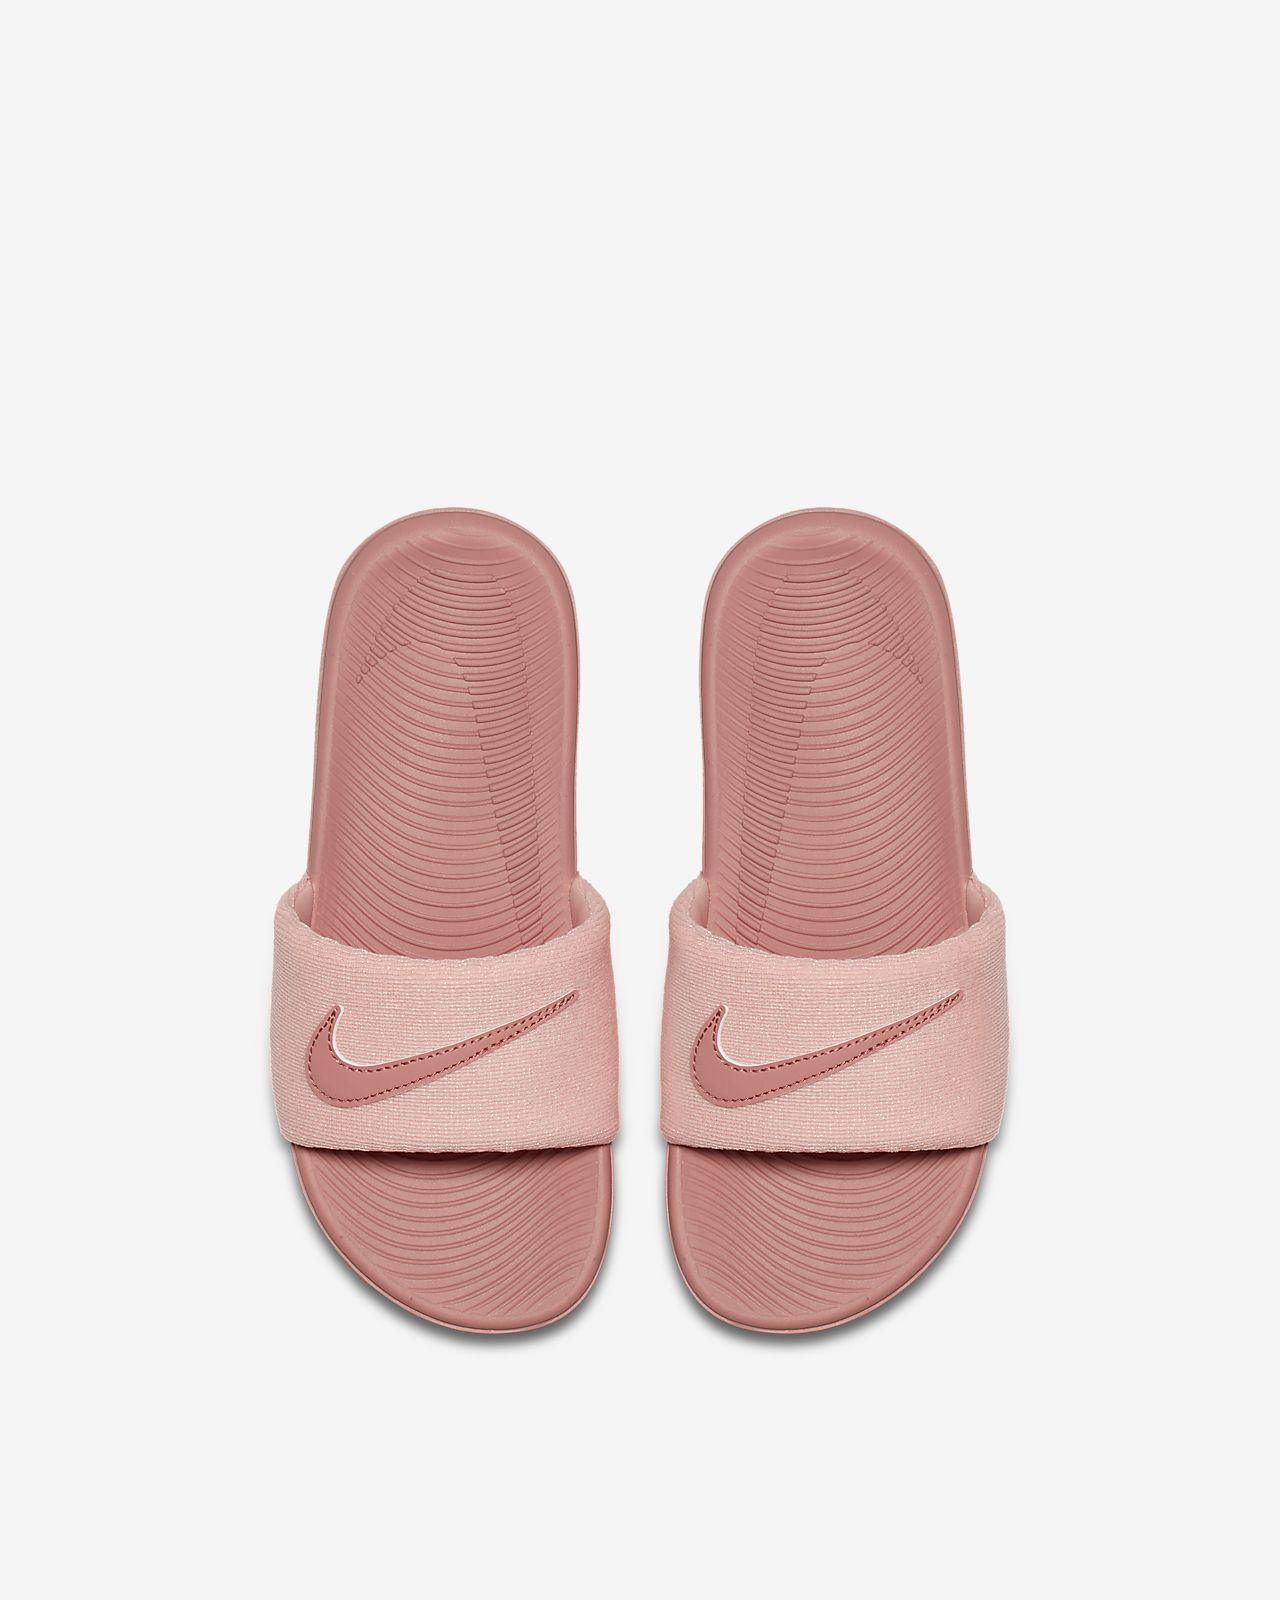 Nike Kawa SE Younger/Older Kids' Slide